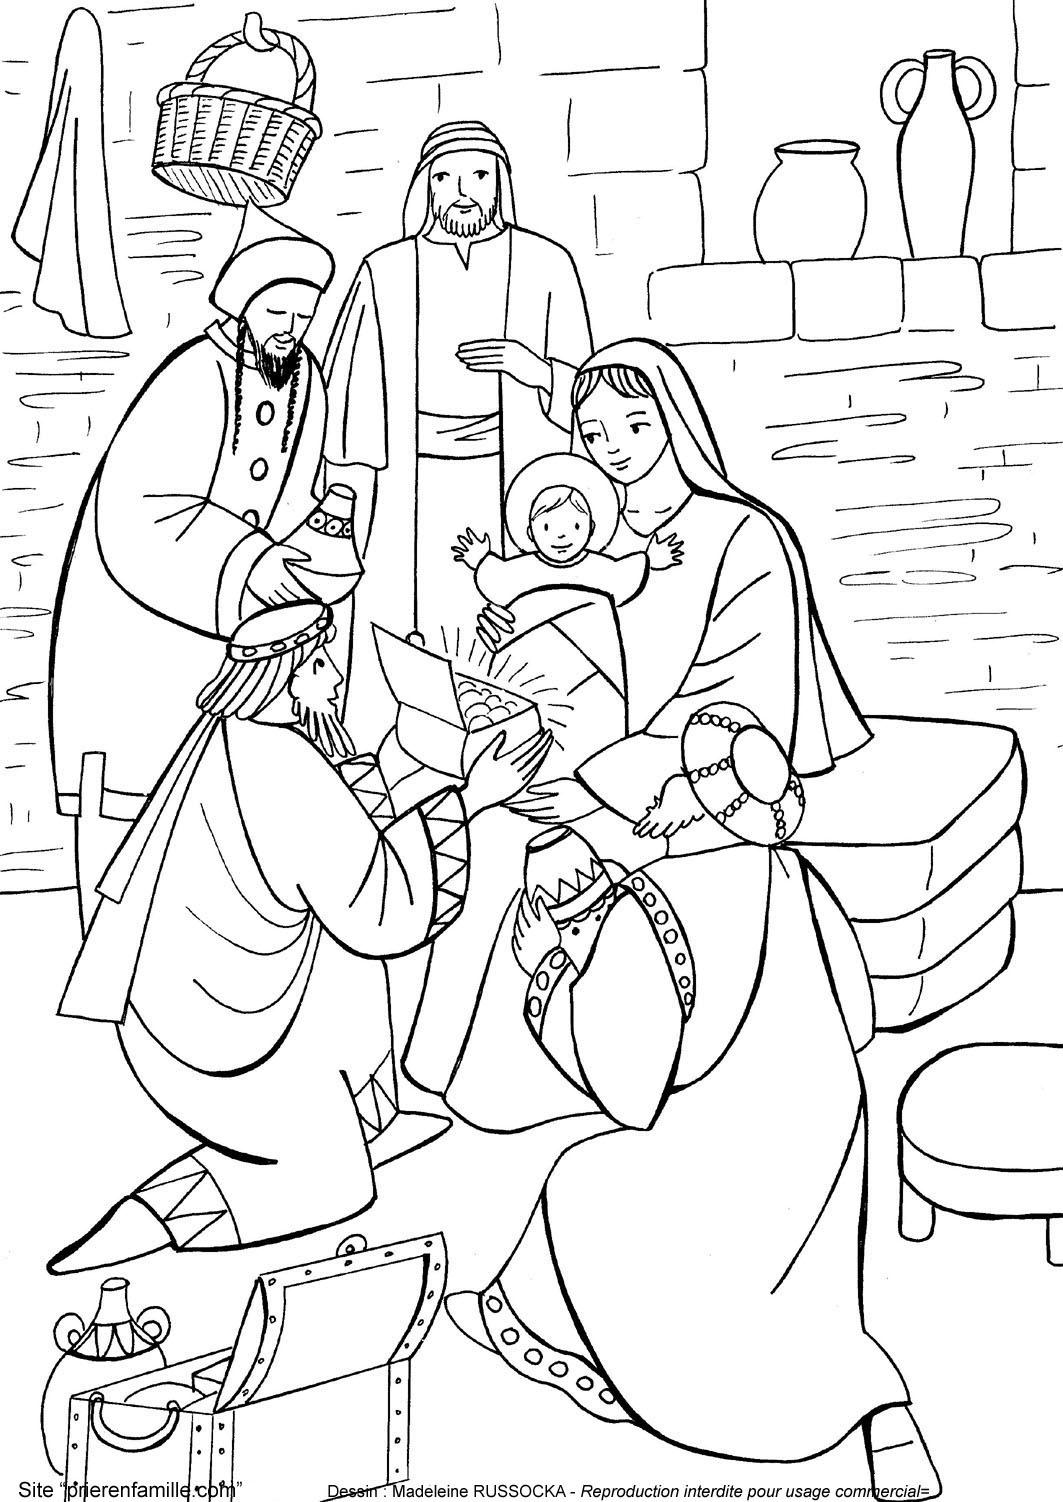 Coloriage pour le catéchisme : les rois mages adorant